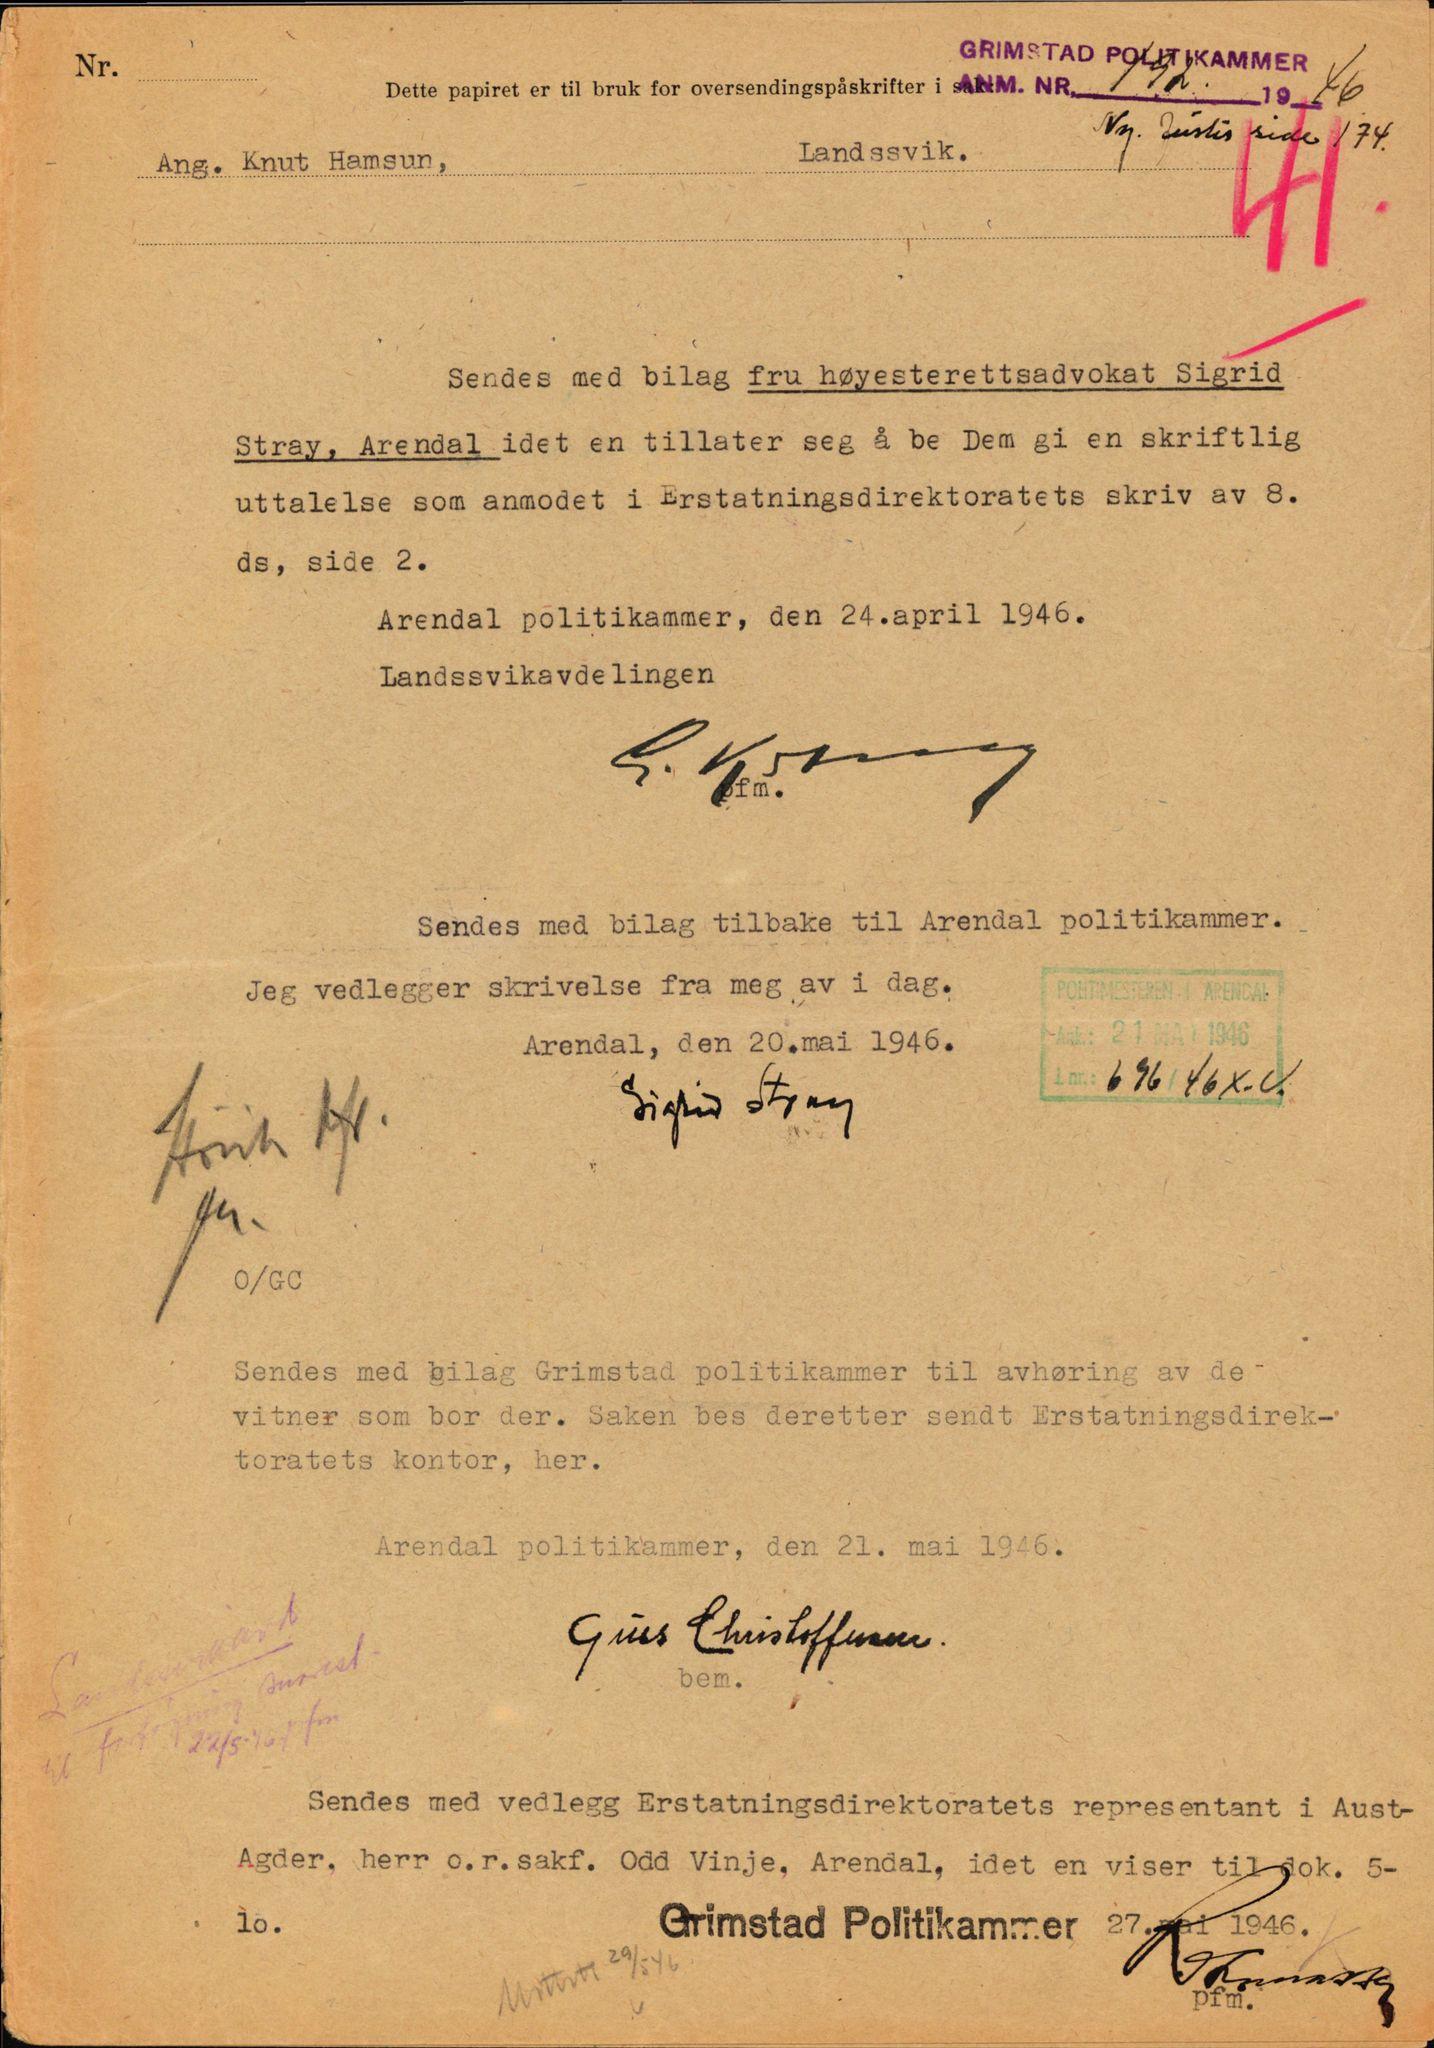 RA, Landssvikarkivet, Arendal politikammer, D/Dc/L0029: Anr. 192/45, 1945-1951, s. 373